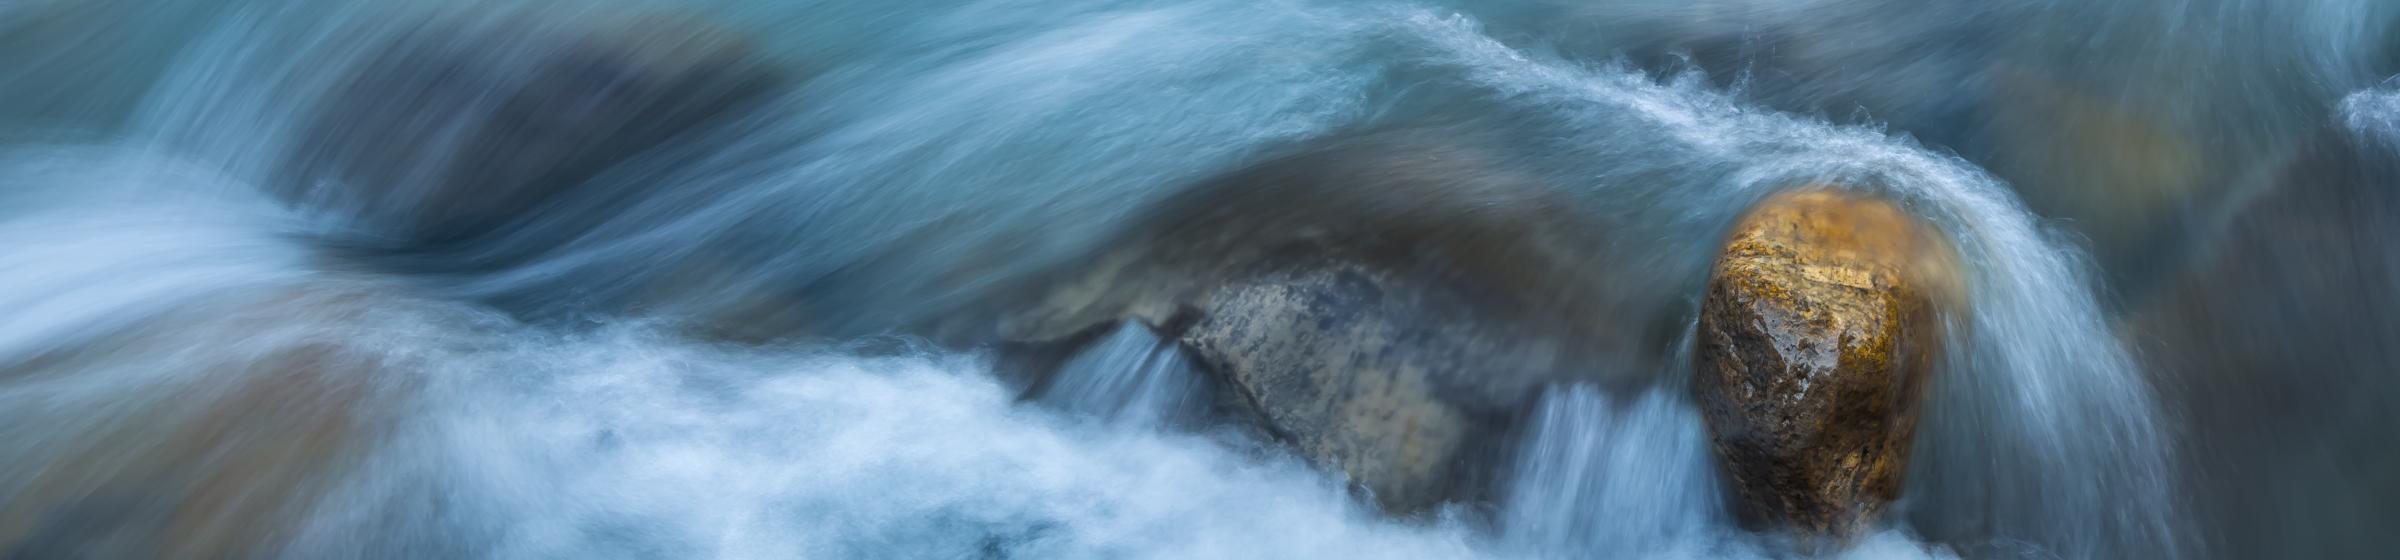 Elv som renner over stein